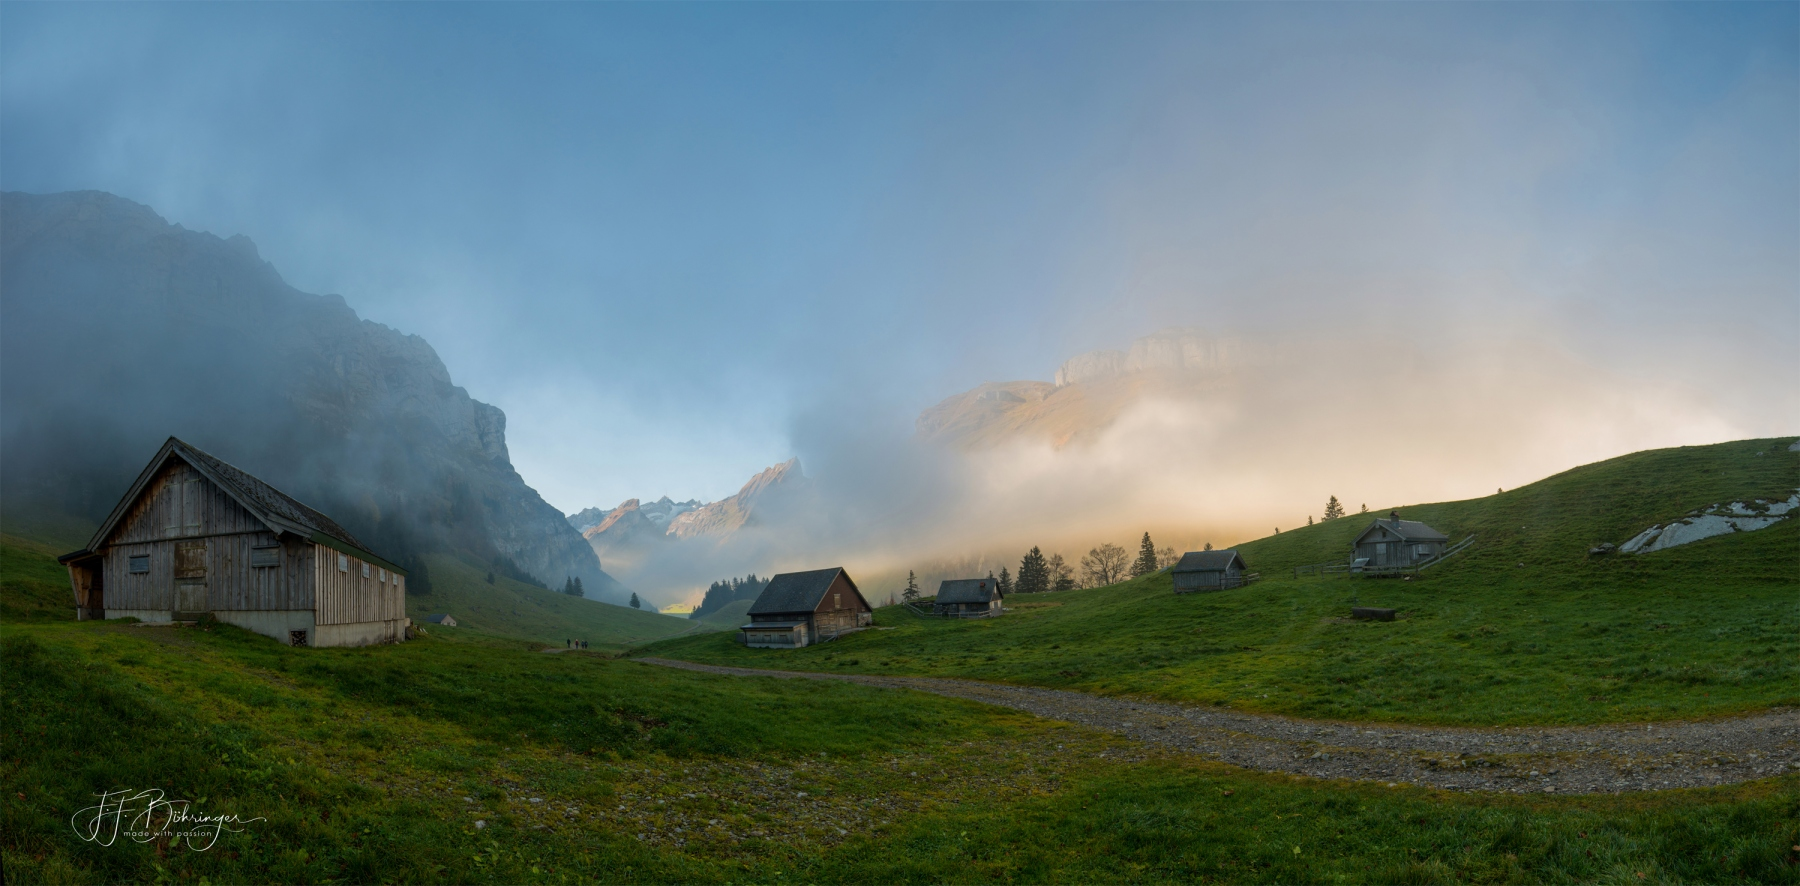 Ausflug Landschaftsfotographie mit Fred 5